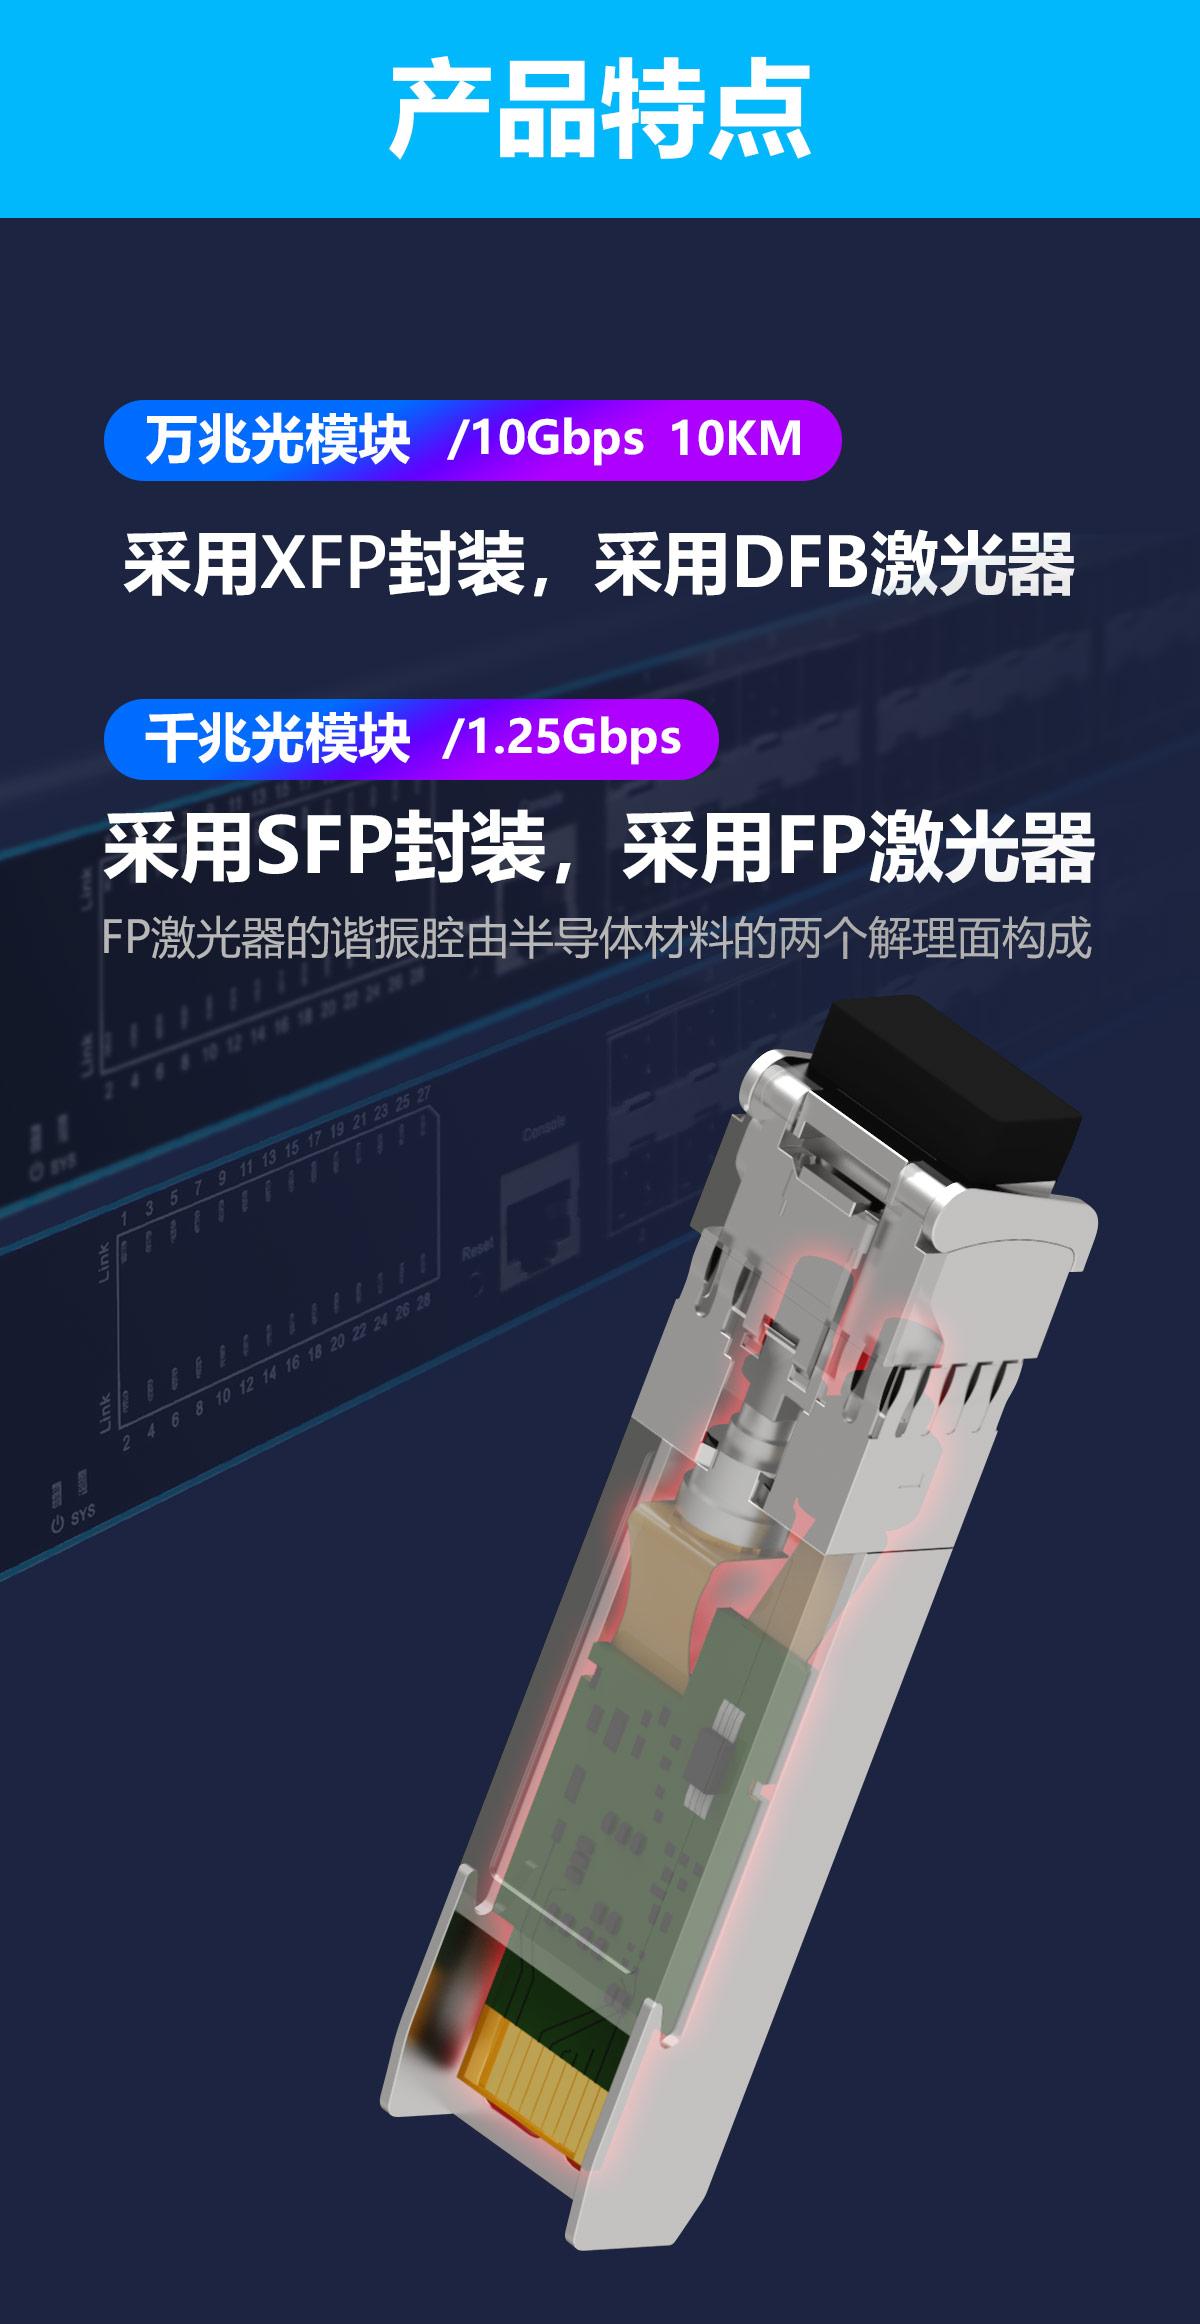 万兆光模块 10Gbps 10KM 采用XFP封装,采用DFB激光器;千兆光模块 1.25Gbps 采用SFP封装 采用FP激光器 FP激光器的谐振腔由半导体材料的两个理解面构成